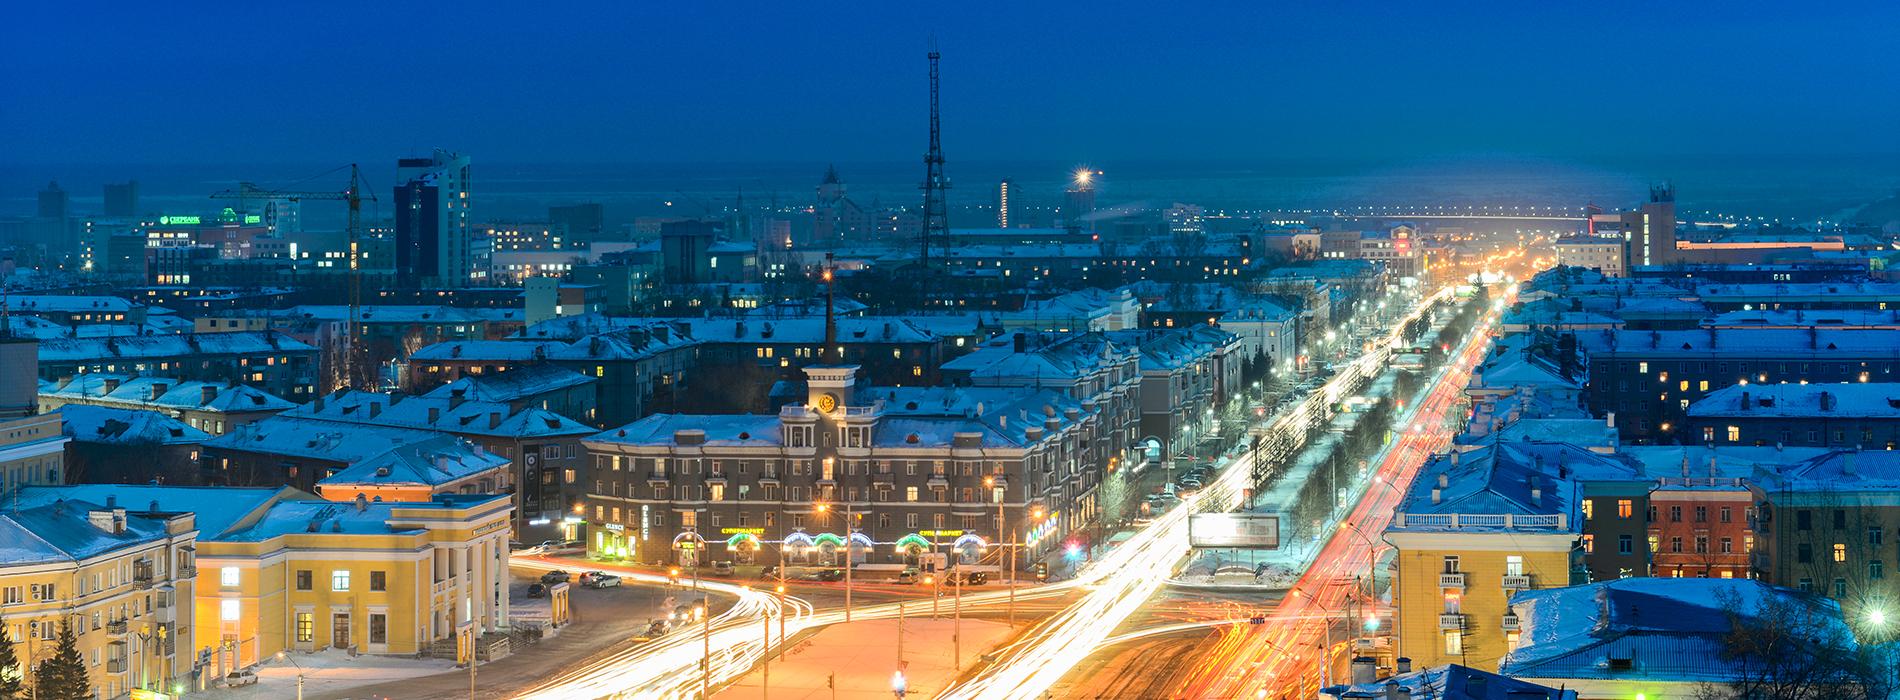 Авиабилеты Санкт-Петербург — Барнаул, купить билеты на самолет туда и обратно, цены и расписание рейсов